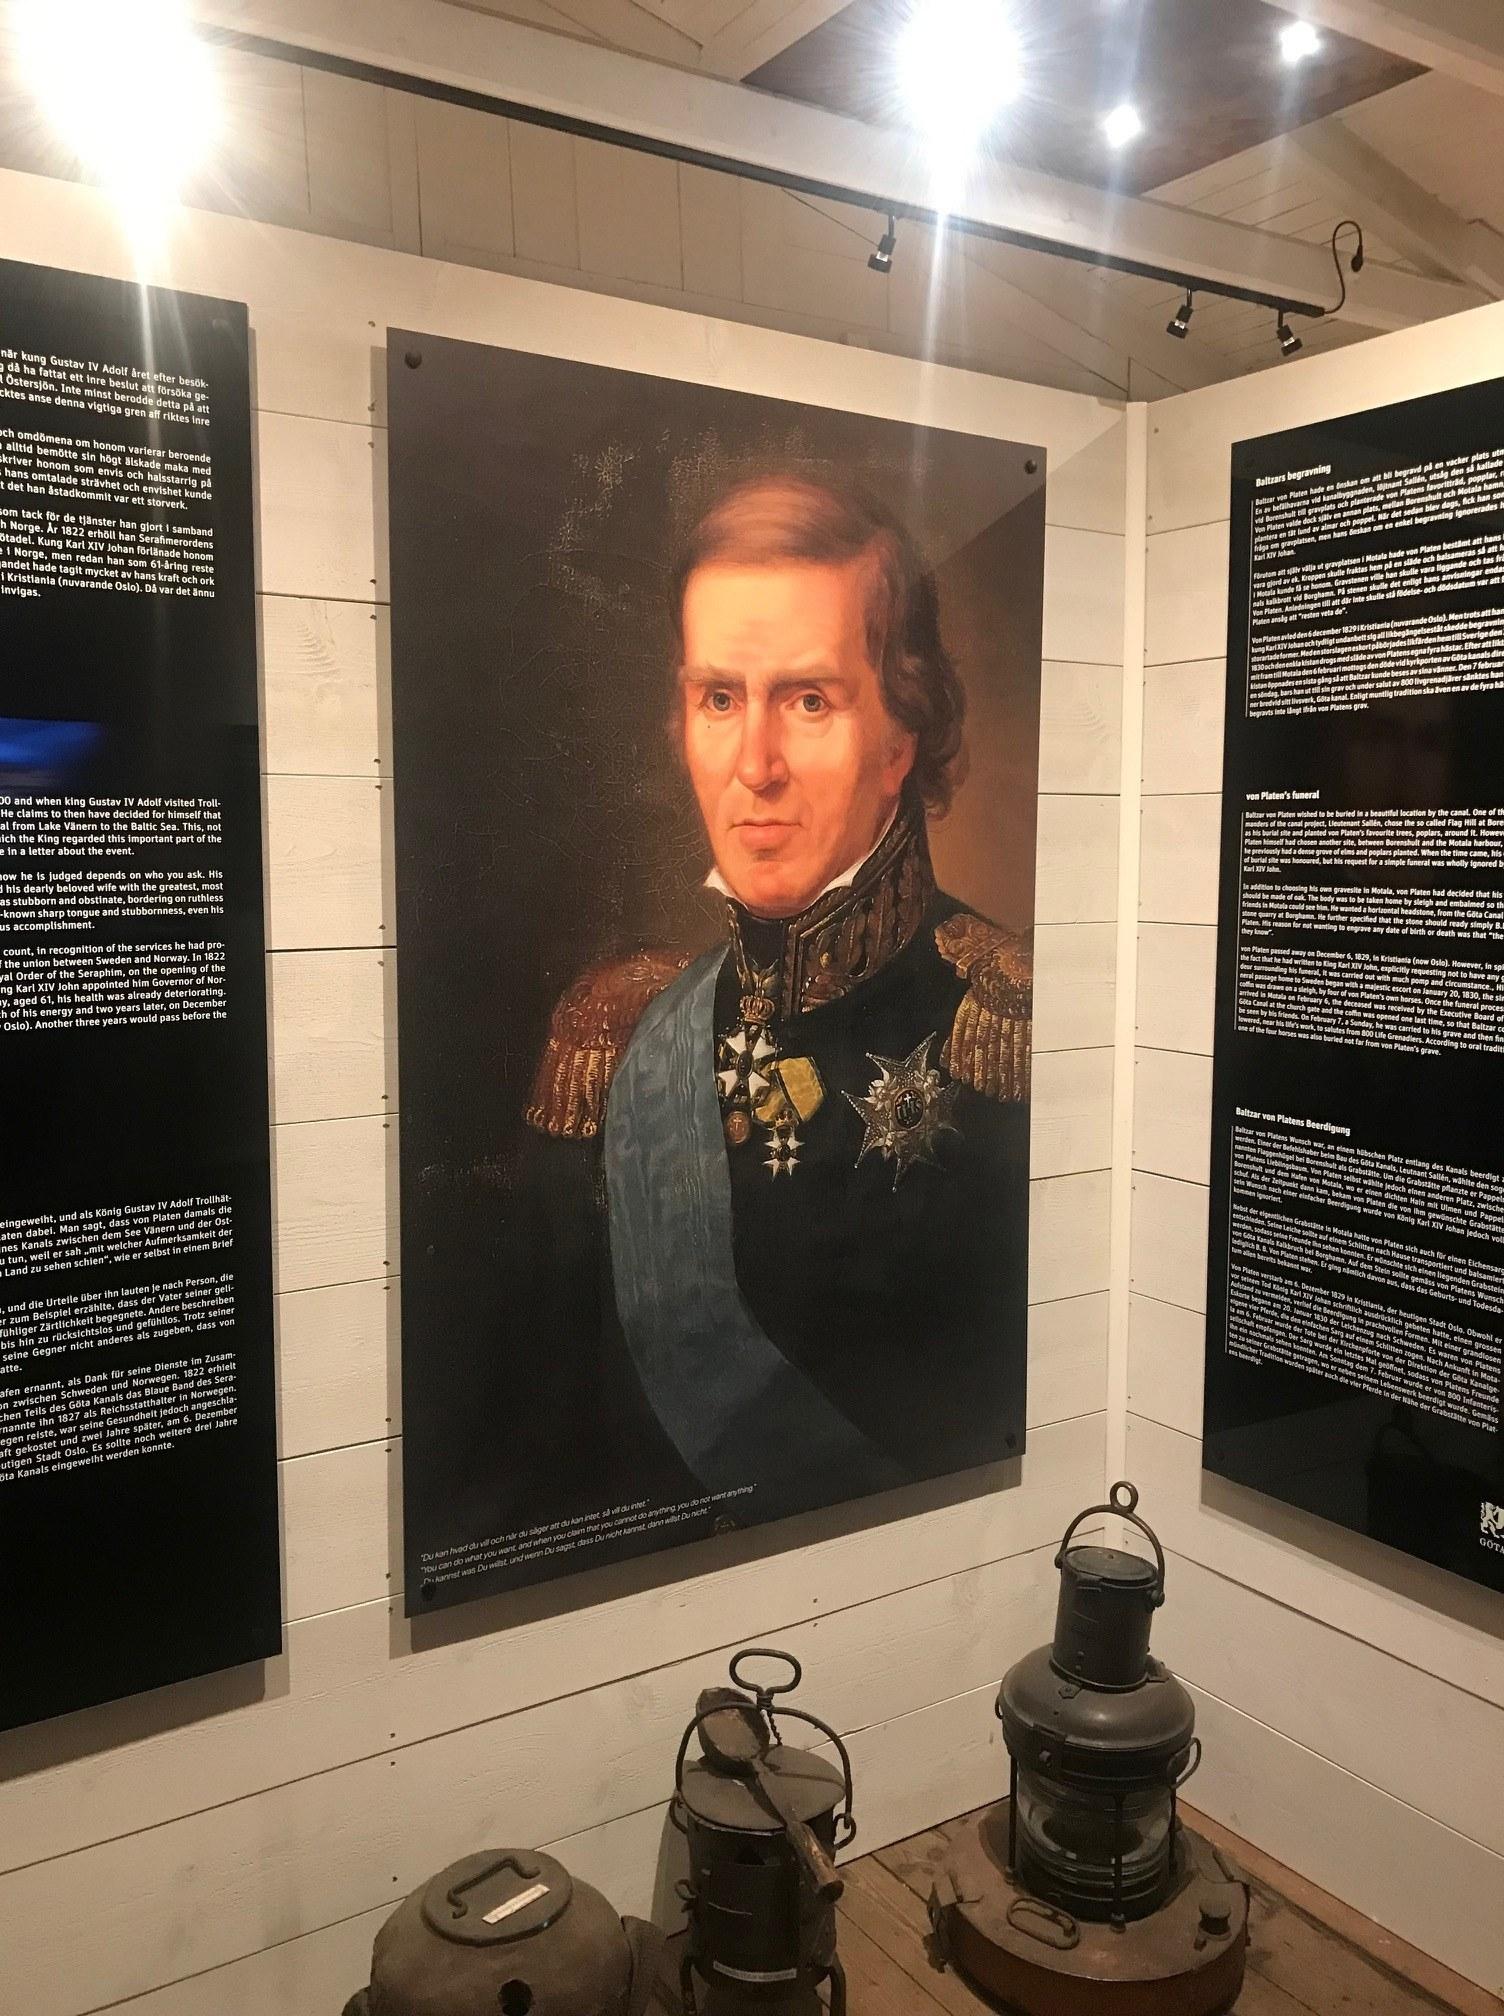 Gammalt porträtt av en man hänger på en vägg.